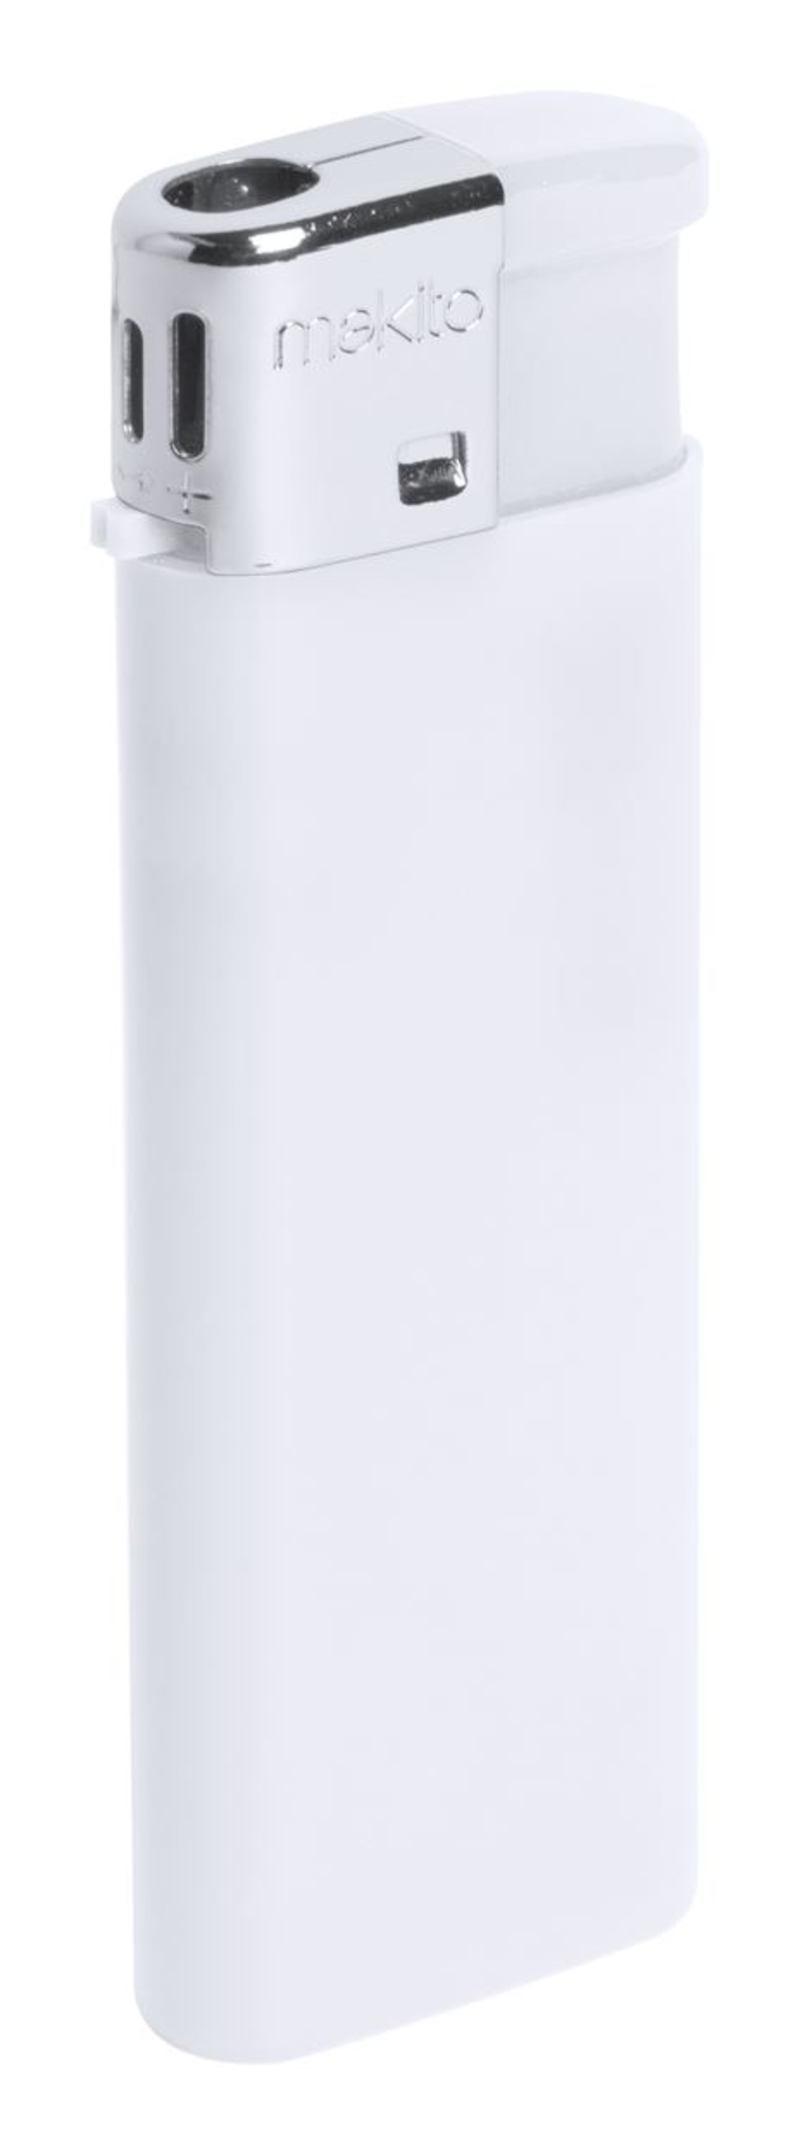 Vaygox lighter